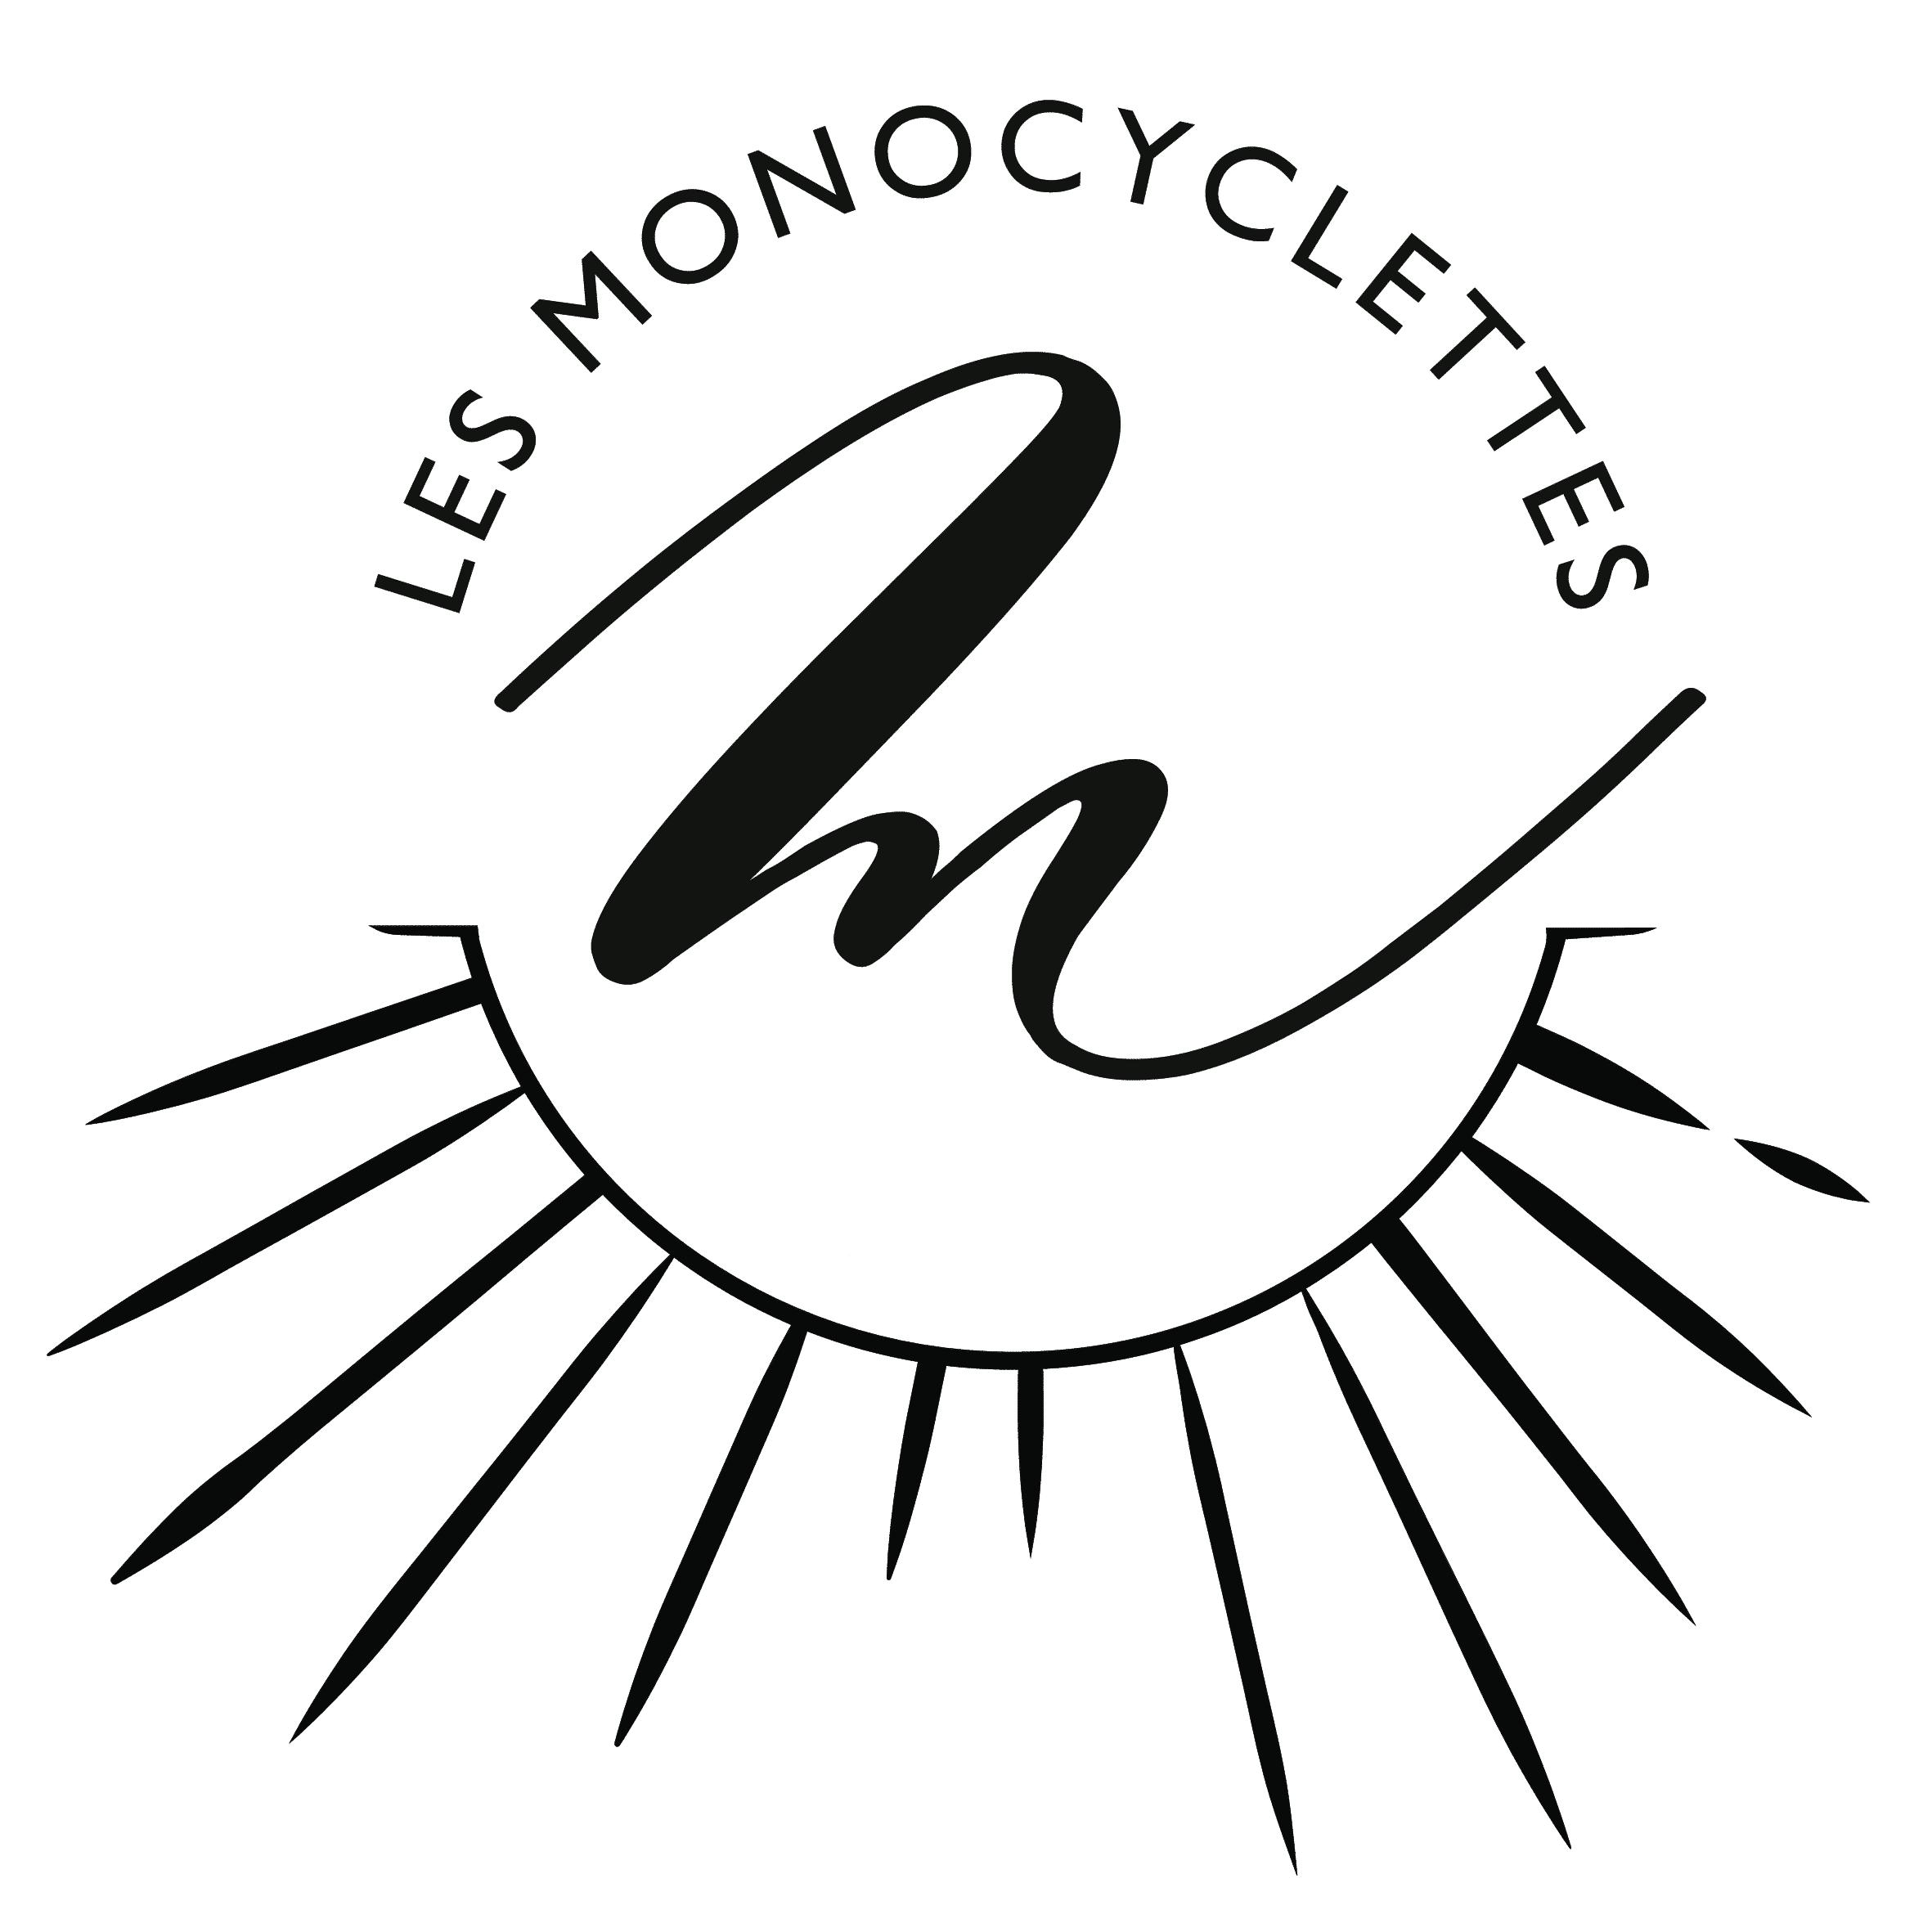 Les Monocyclettes : vêtements asymétriques et lingerie éco-responsable